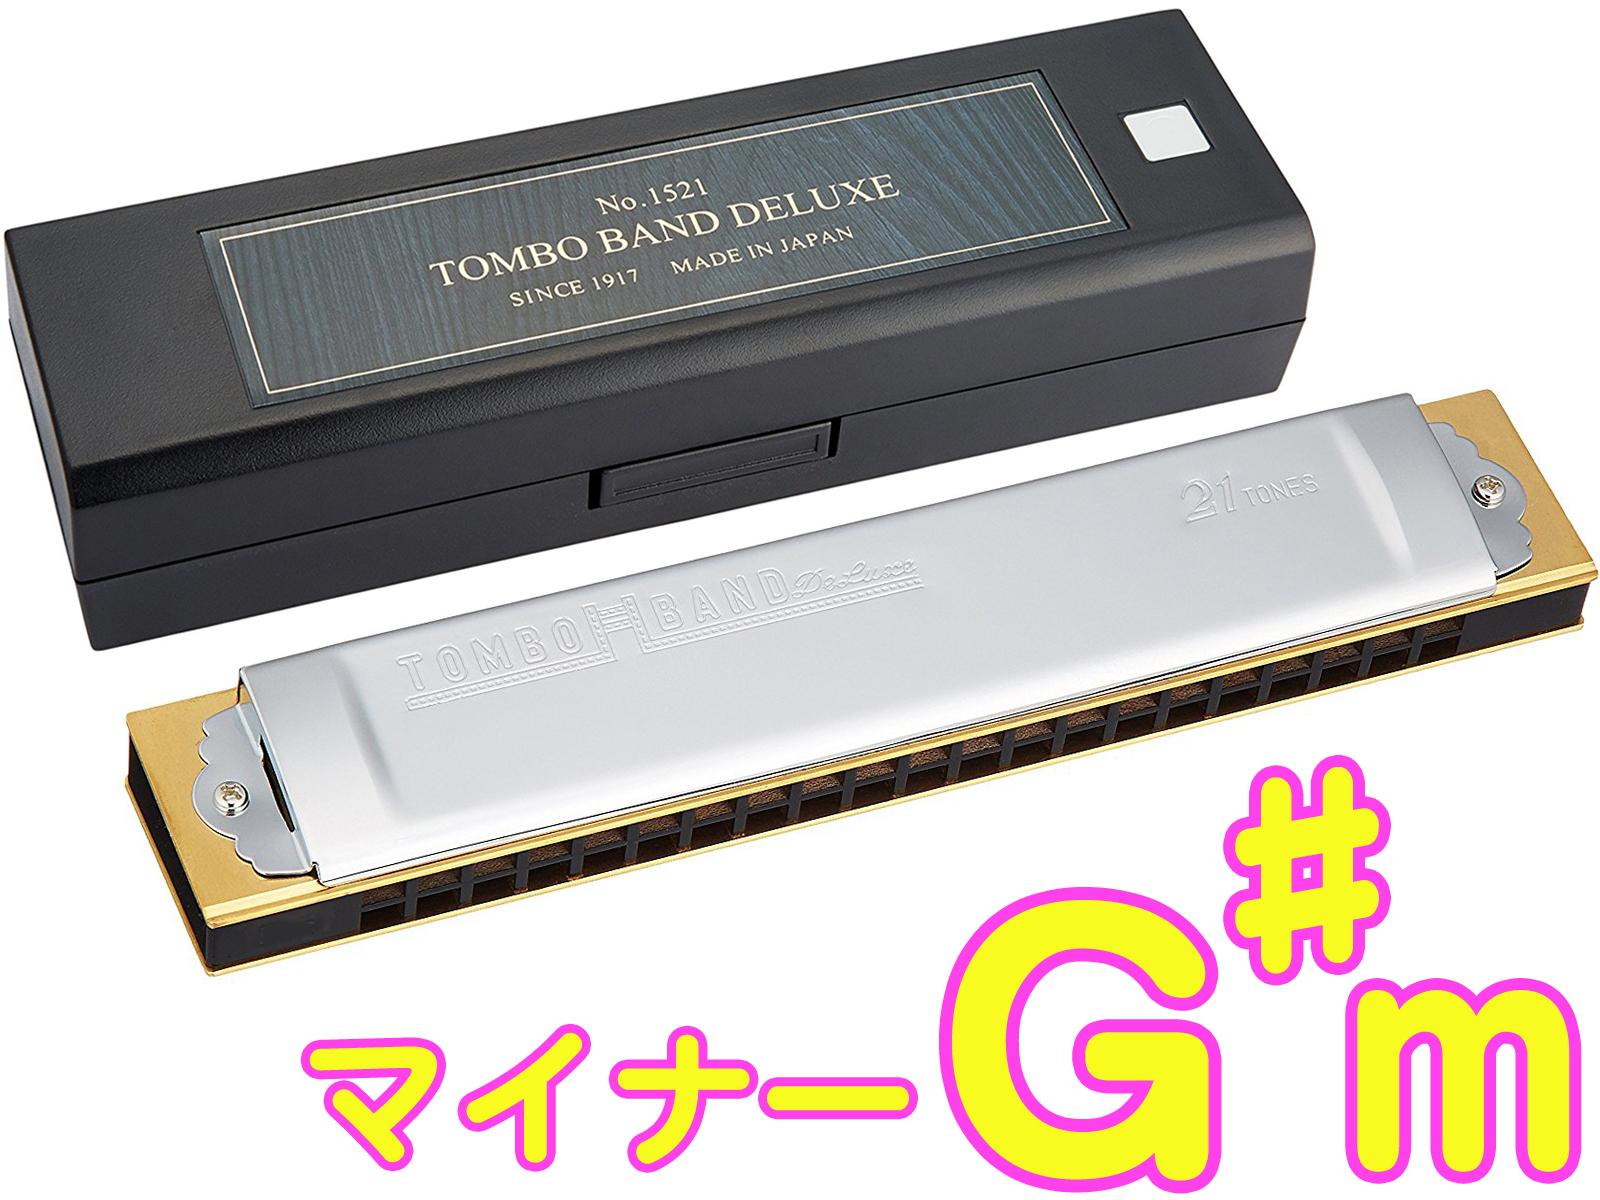 TOMBO ( トンボ ) 1521 G♯m調 特製 トンボバンド 複音ハーモニカ 21穴 No.1521 日本製 トレモロ ハーモニカ 木製ボディ Tremoro Harmonica シャープ マイナー